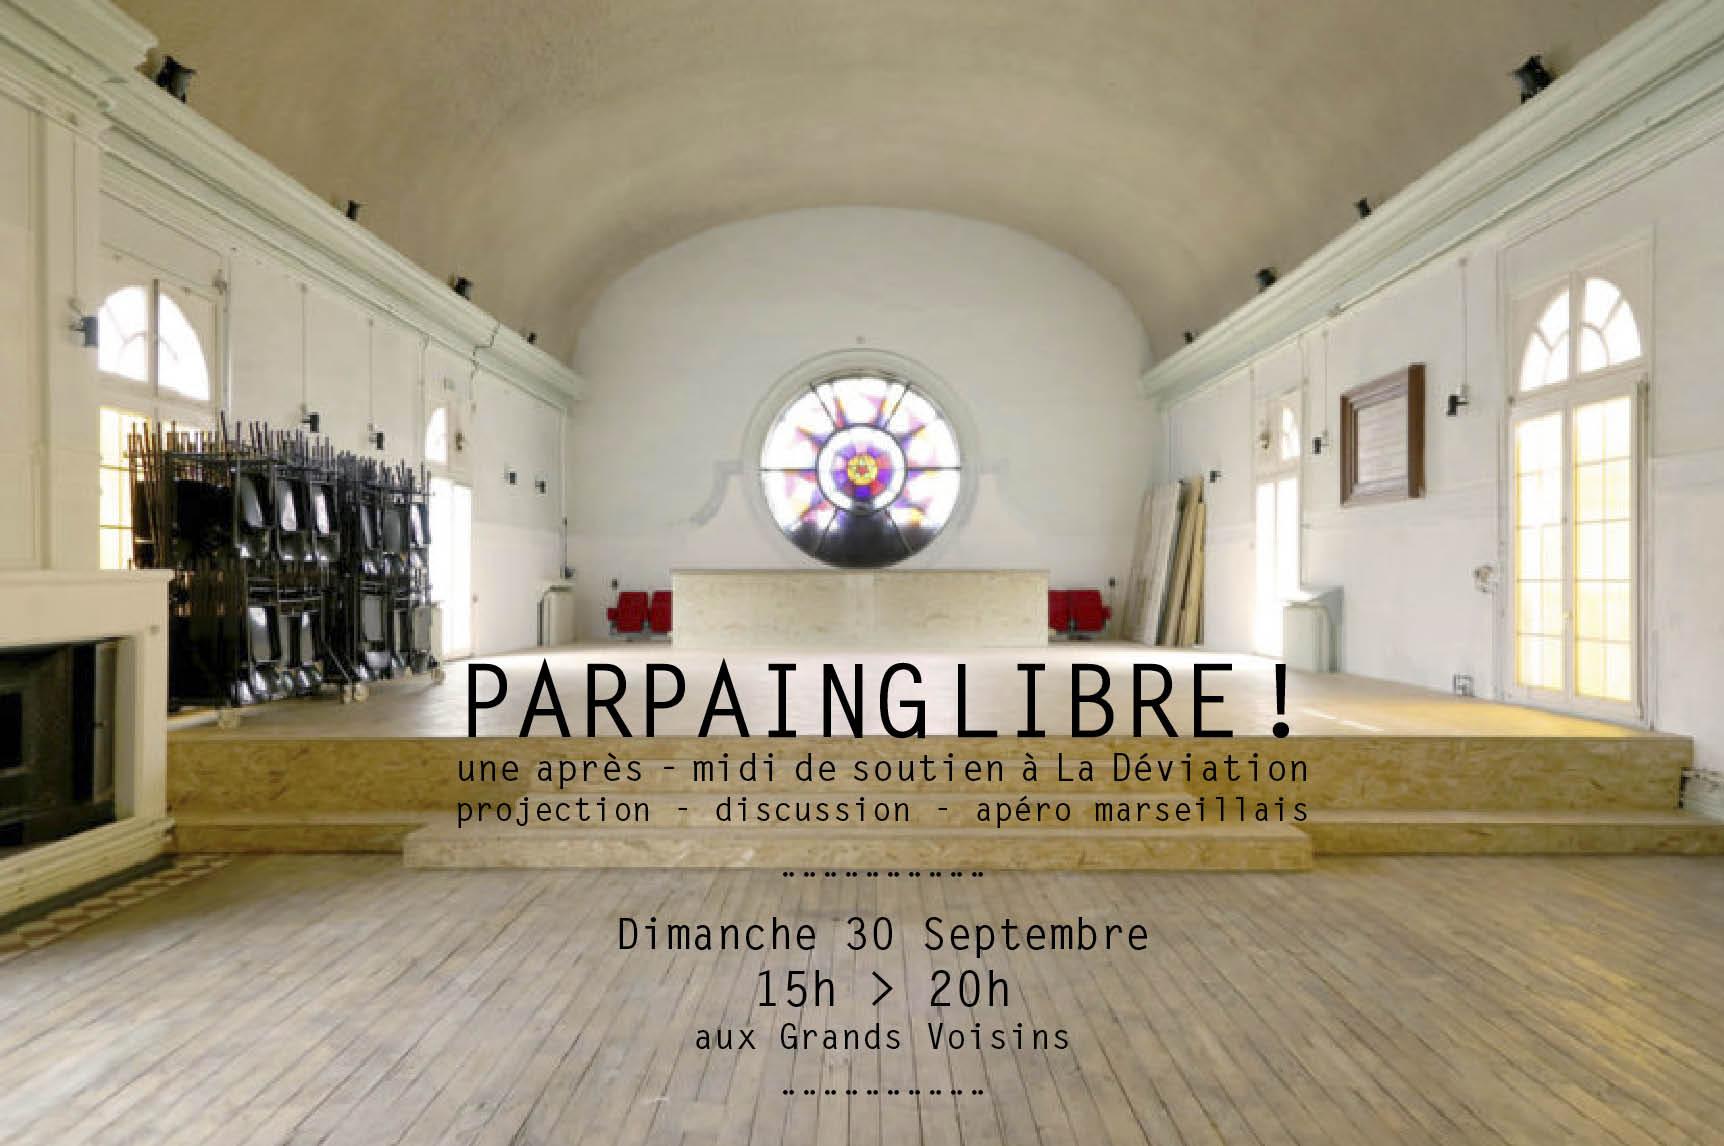 Parpaing libre ! Concert, projection et apéro marseillais ! Aux Grands Voisins à Paris !